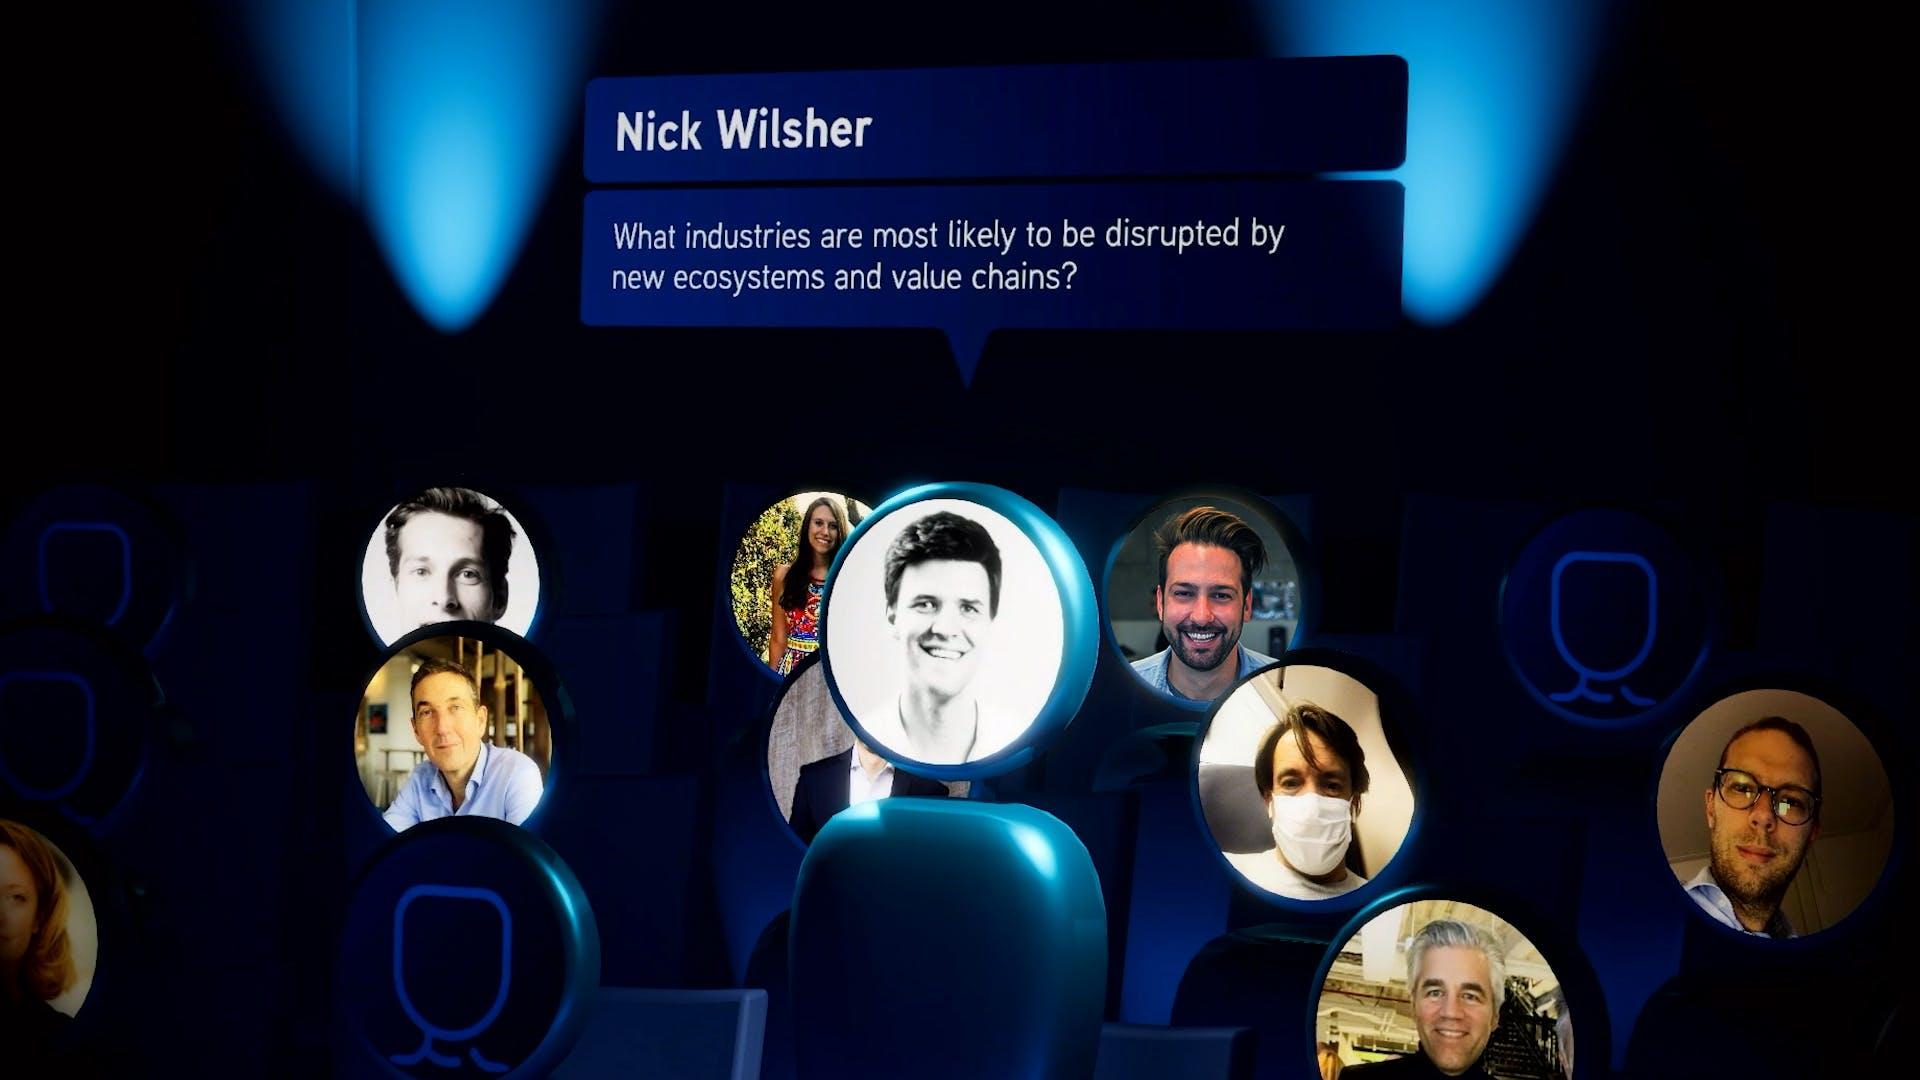 Interactie met publiek via smartphone